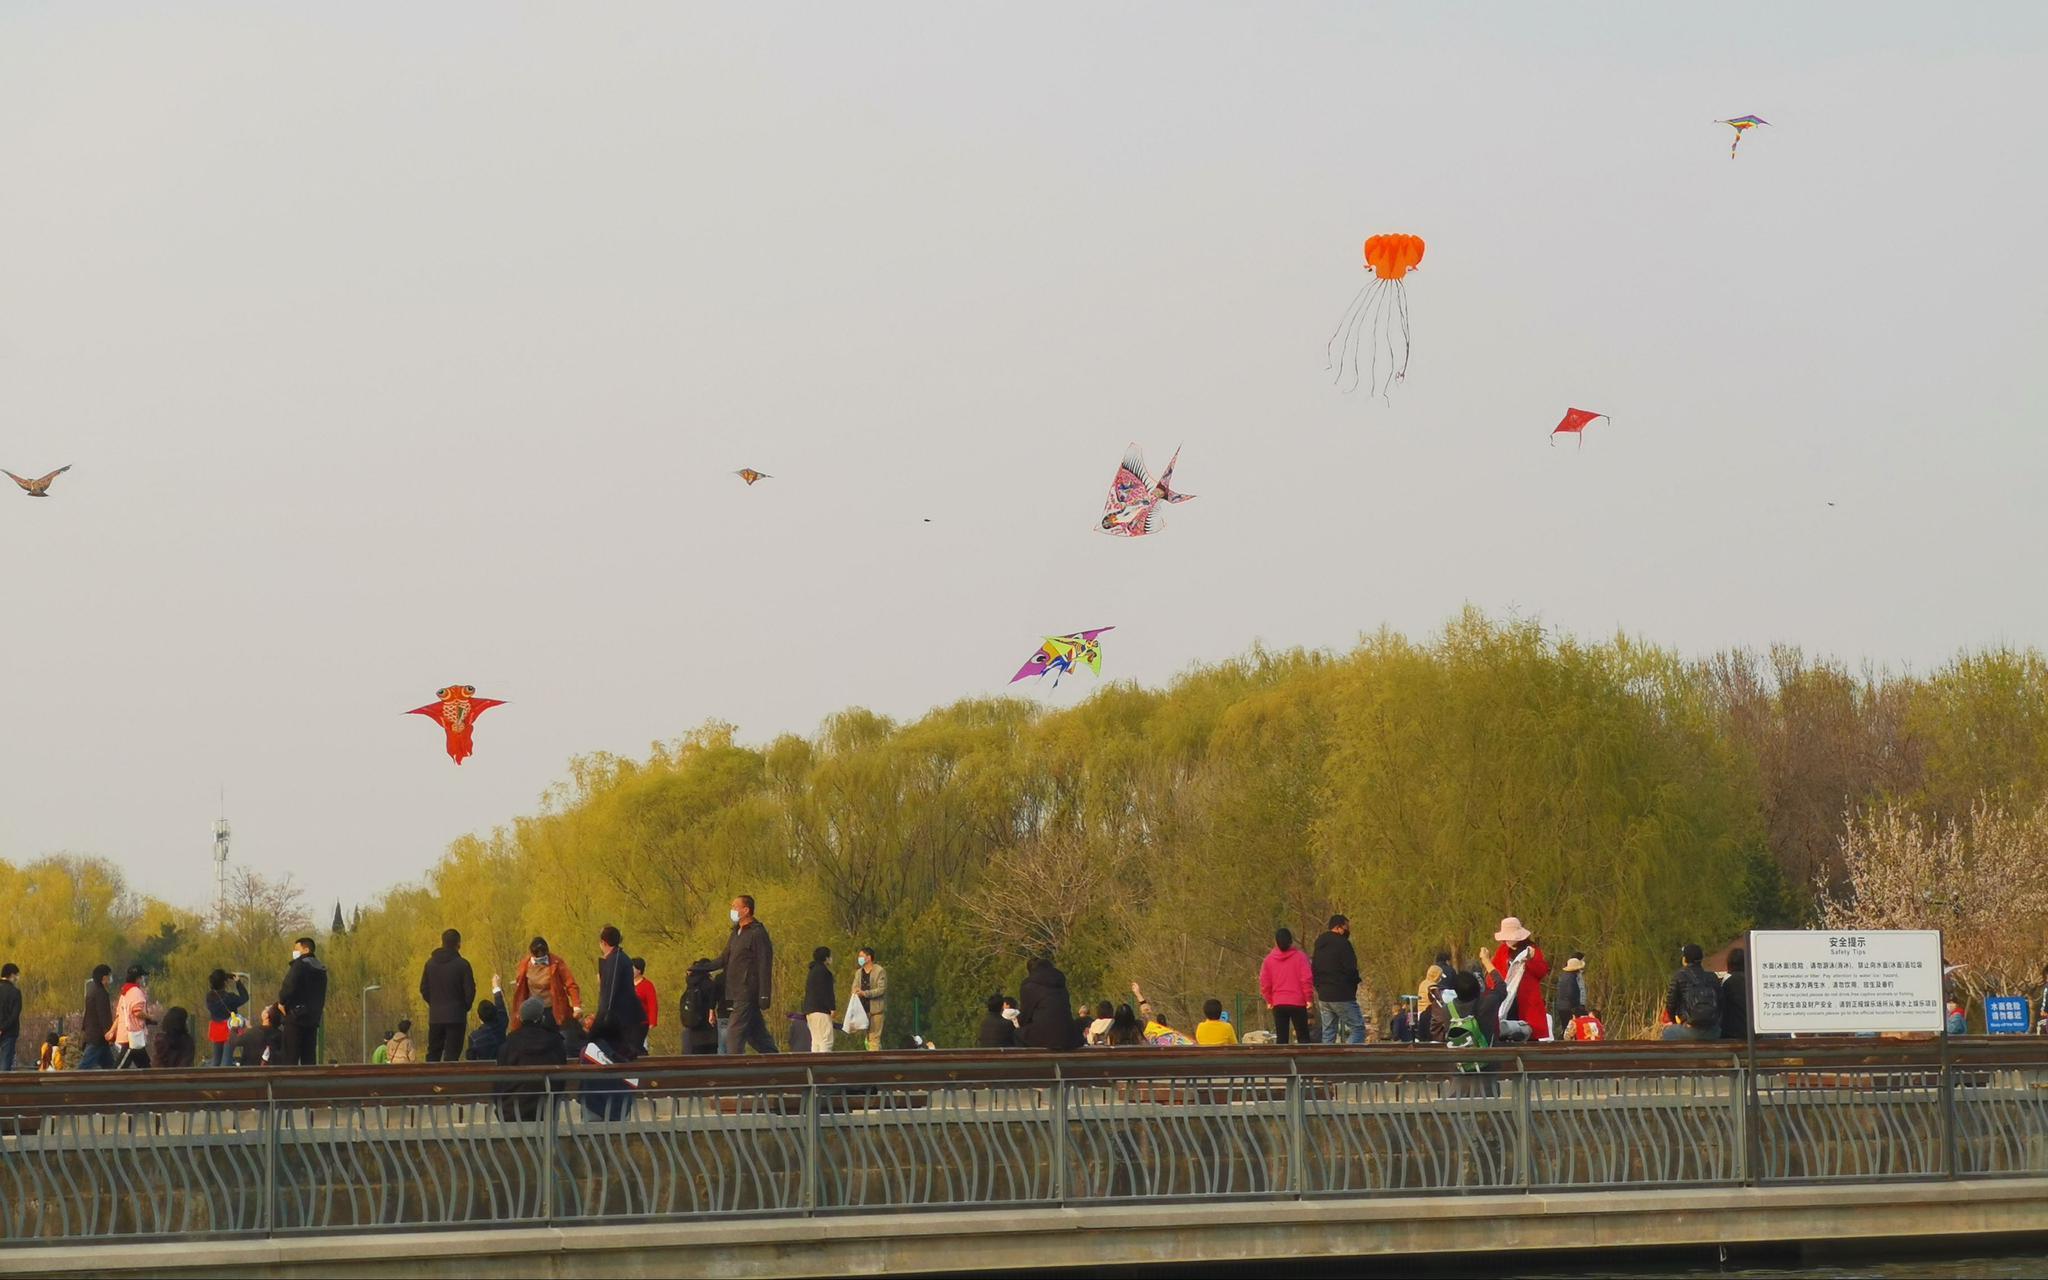 【蓝冠】开的季节奥林匹克蓝冠公园天空中筝图片